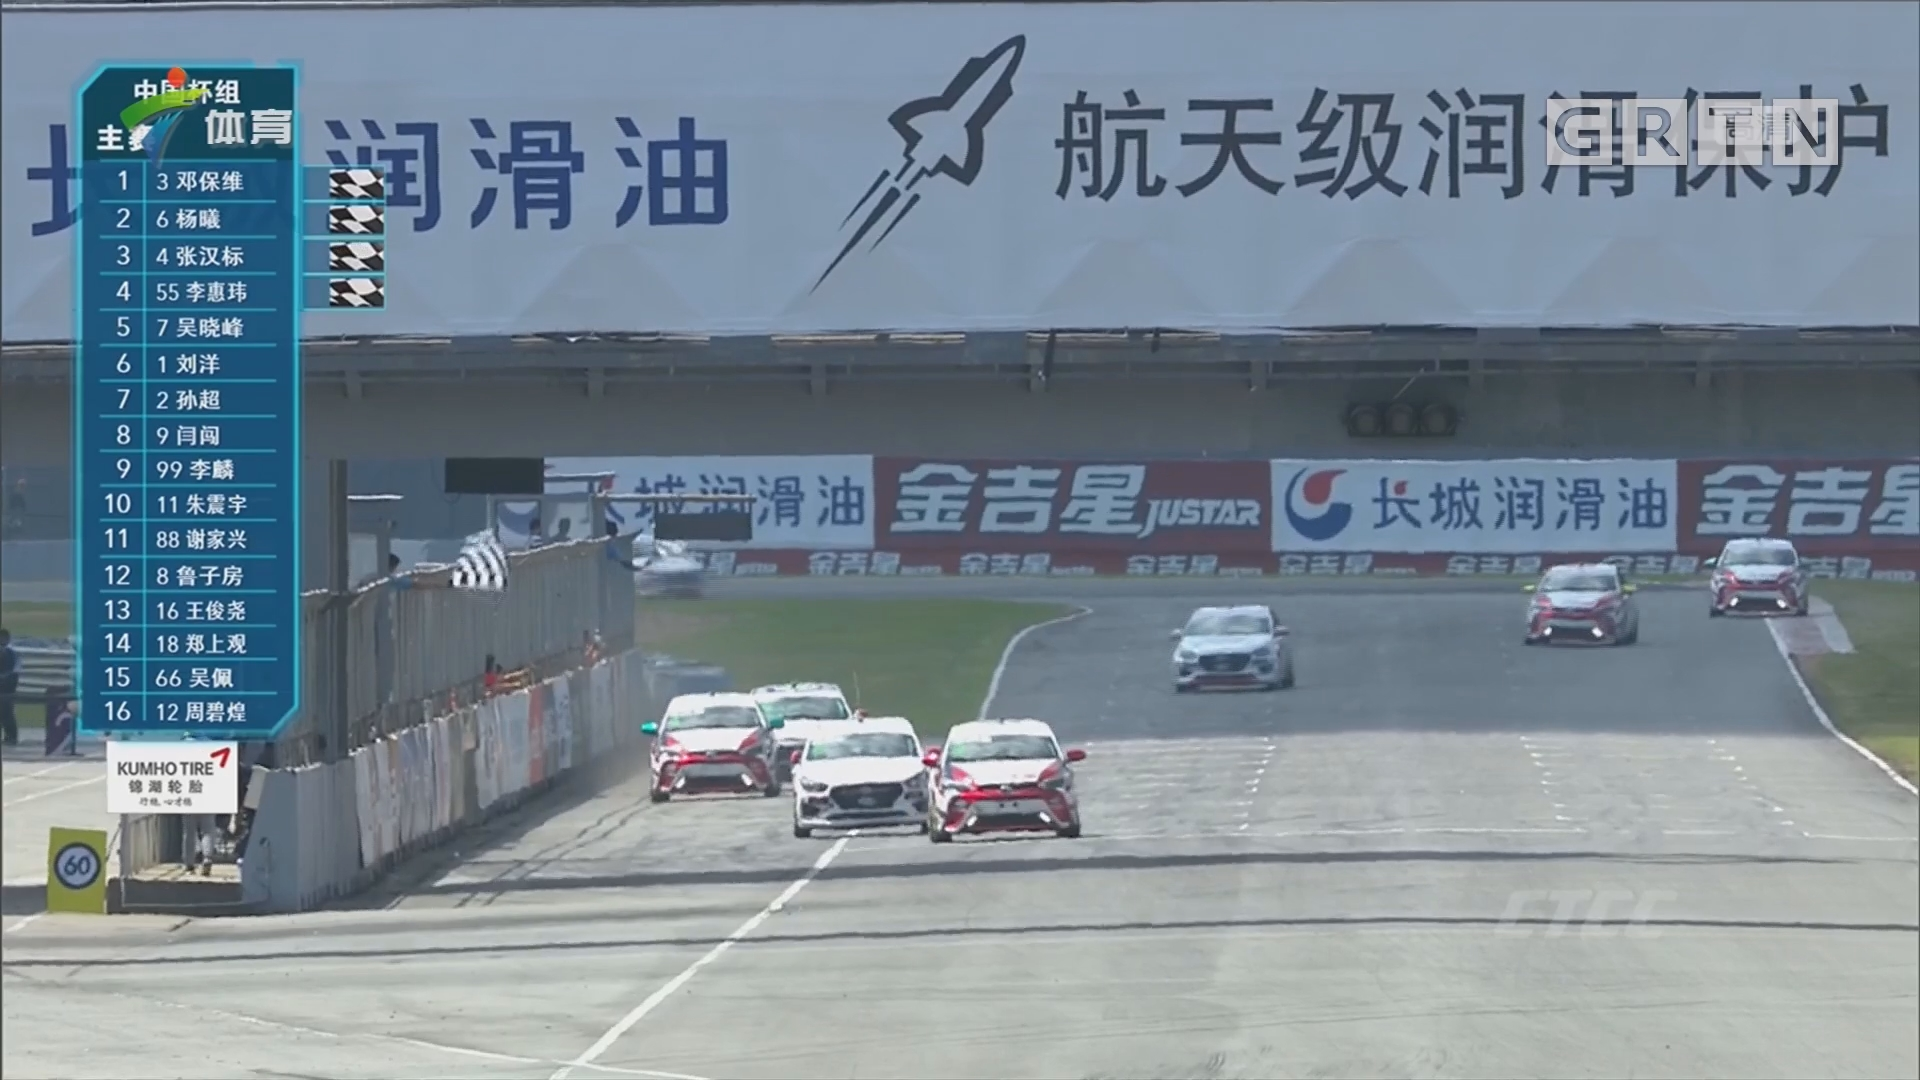 CTCC中国房车锦标赛 张臻东夺超级杯组冠军